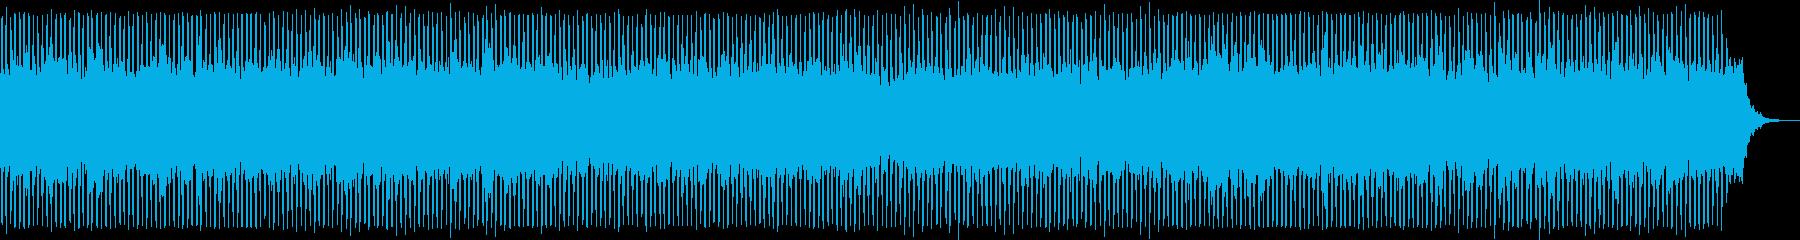 ベルが主役のテクノポップの再生済みの波形